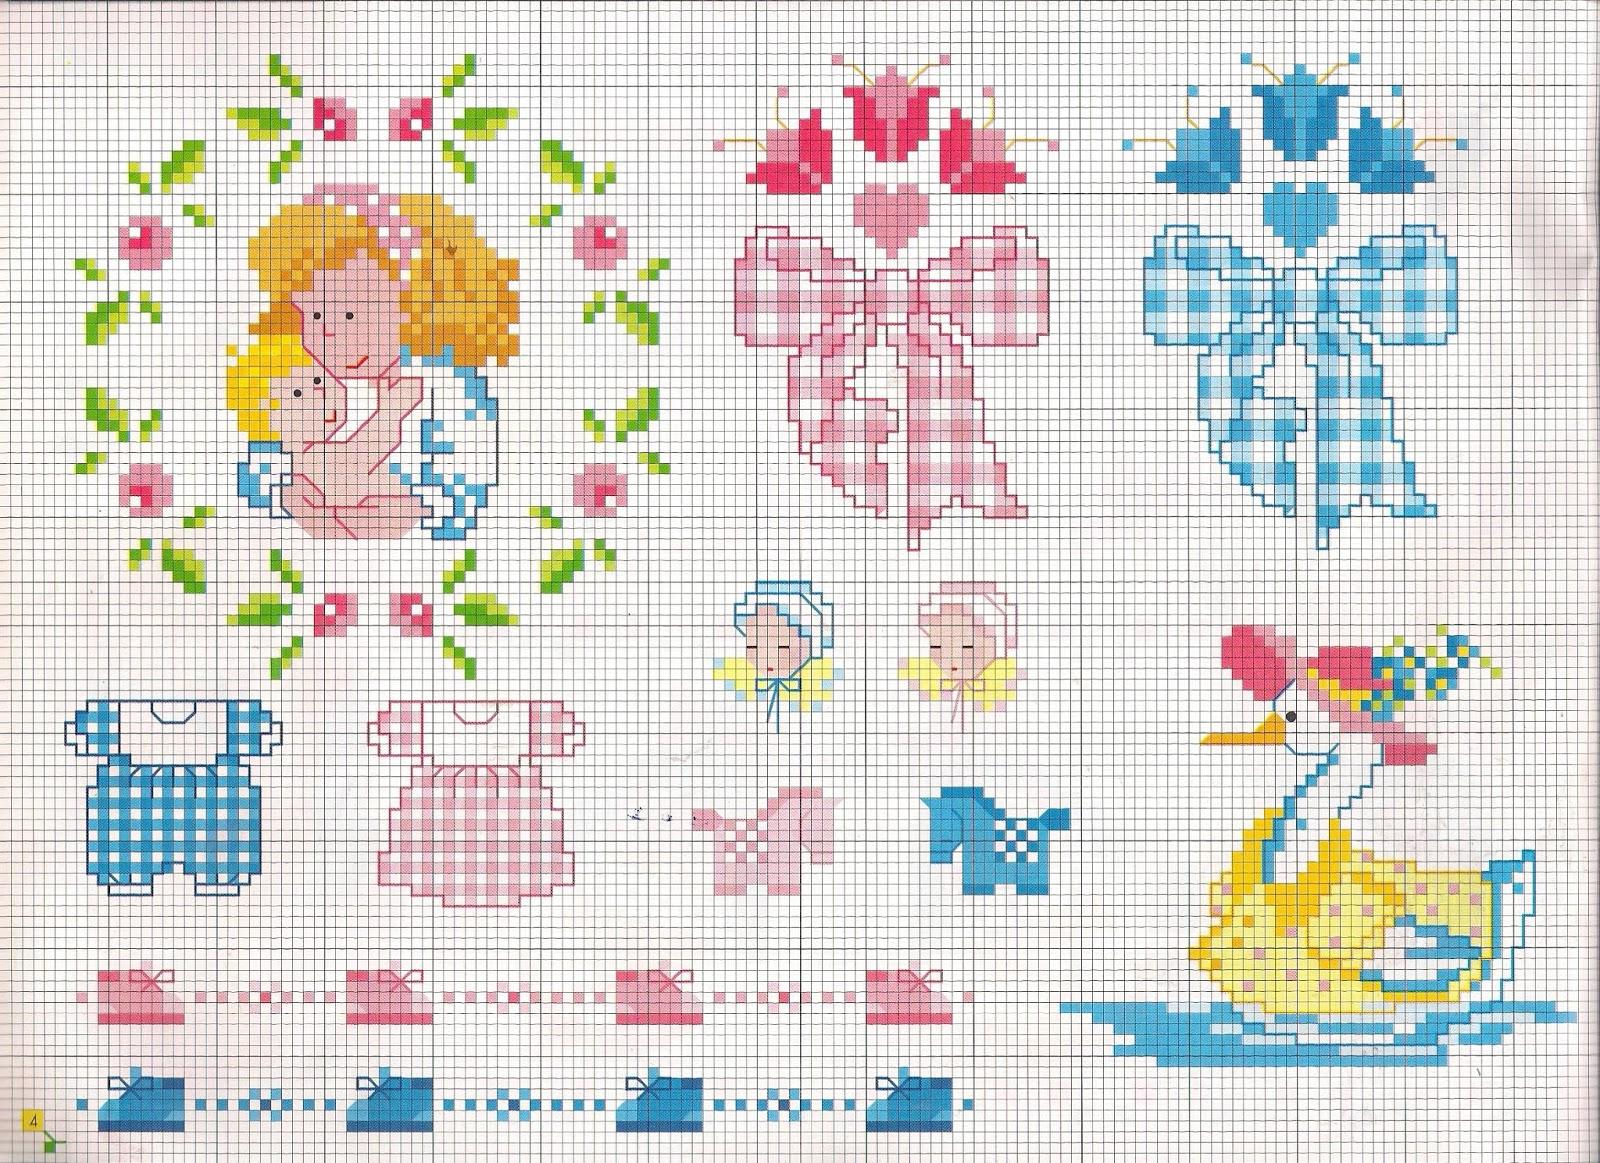 Grande raccolta di Schemi e grafici per Punto croce free: Punto croce schemi facili per bambini